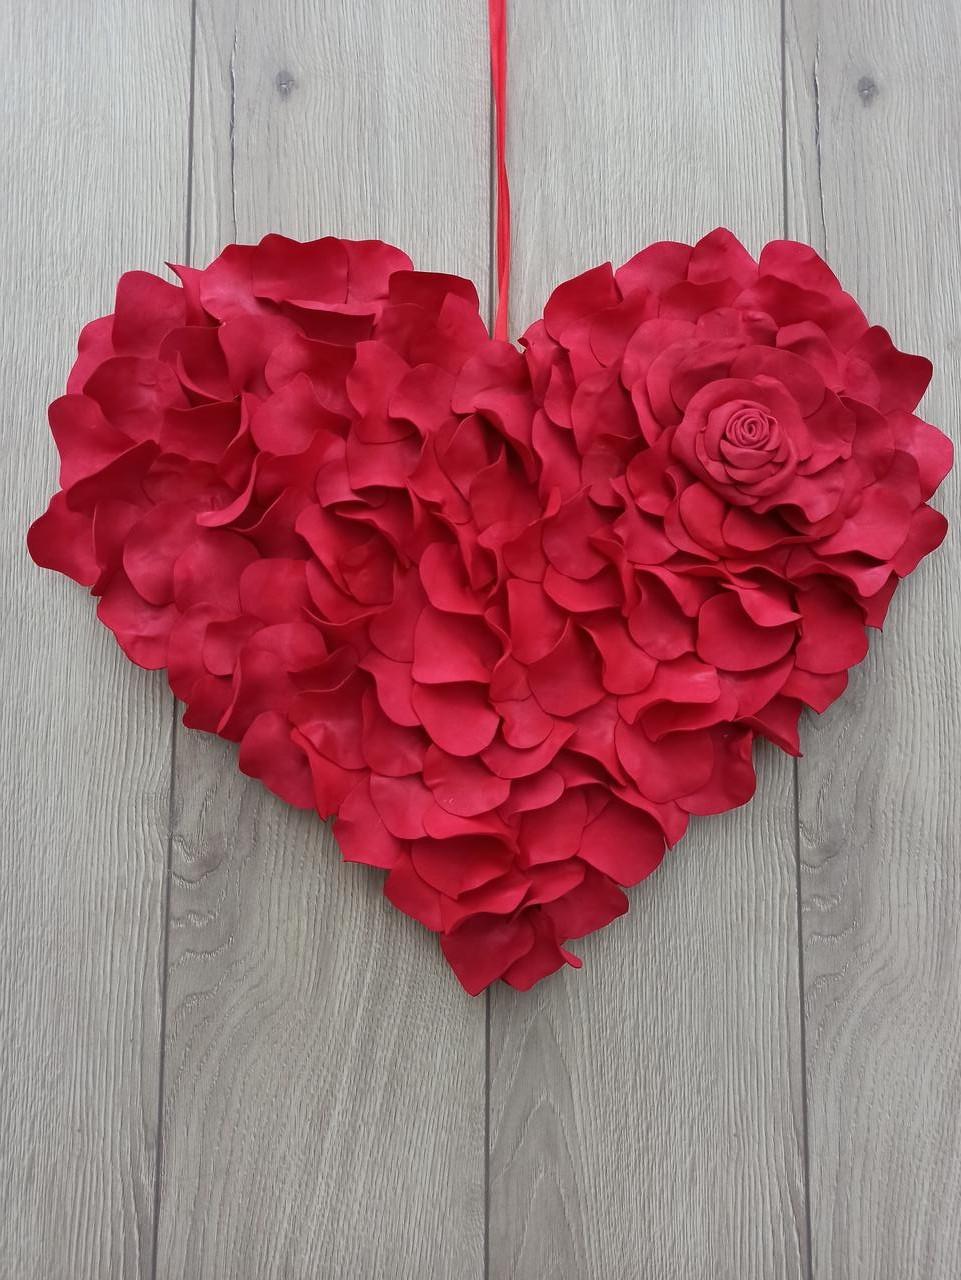 Червоне серце з пелюсток троянд - декор до дня Валентина, весілля